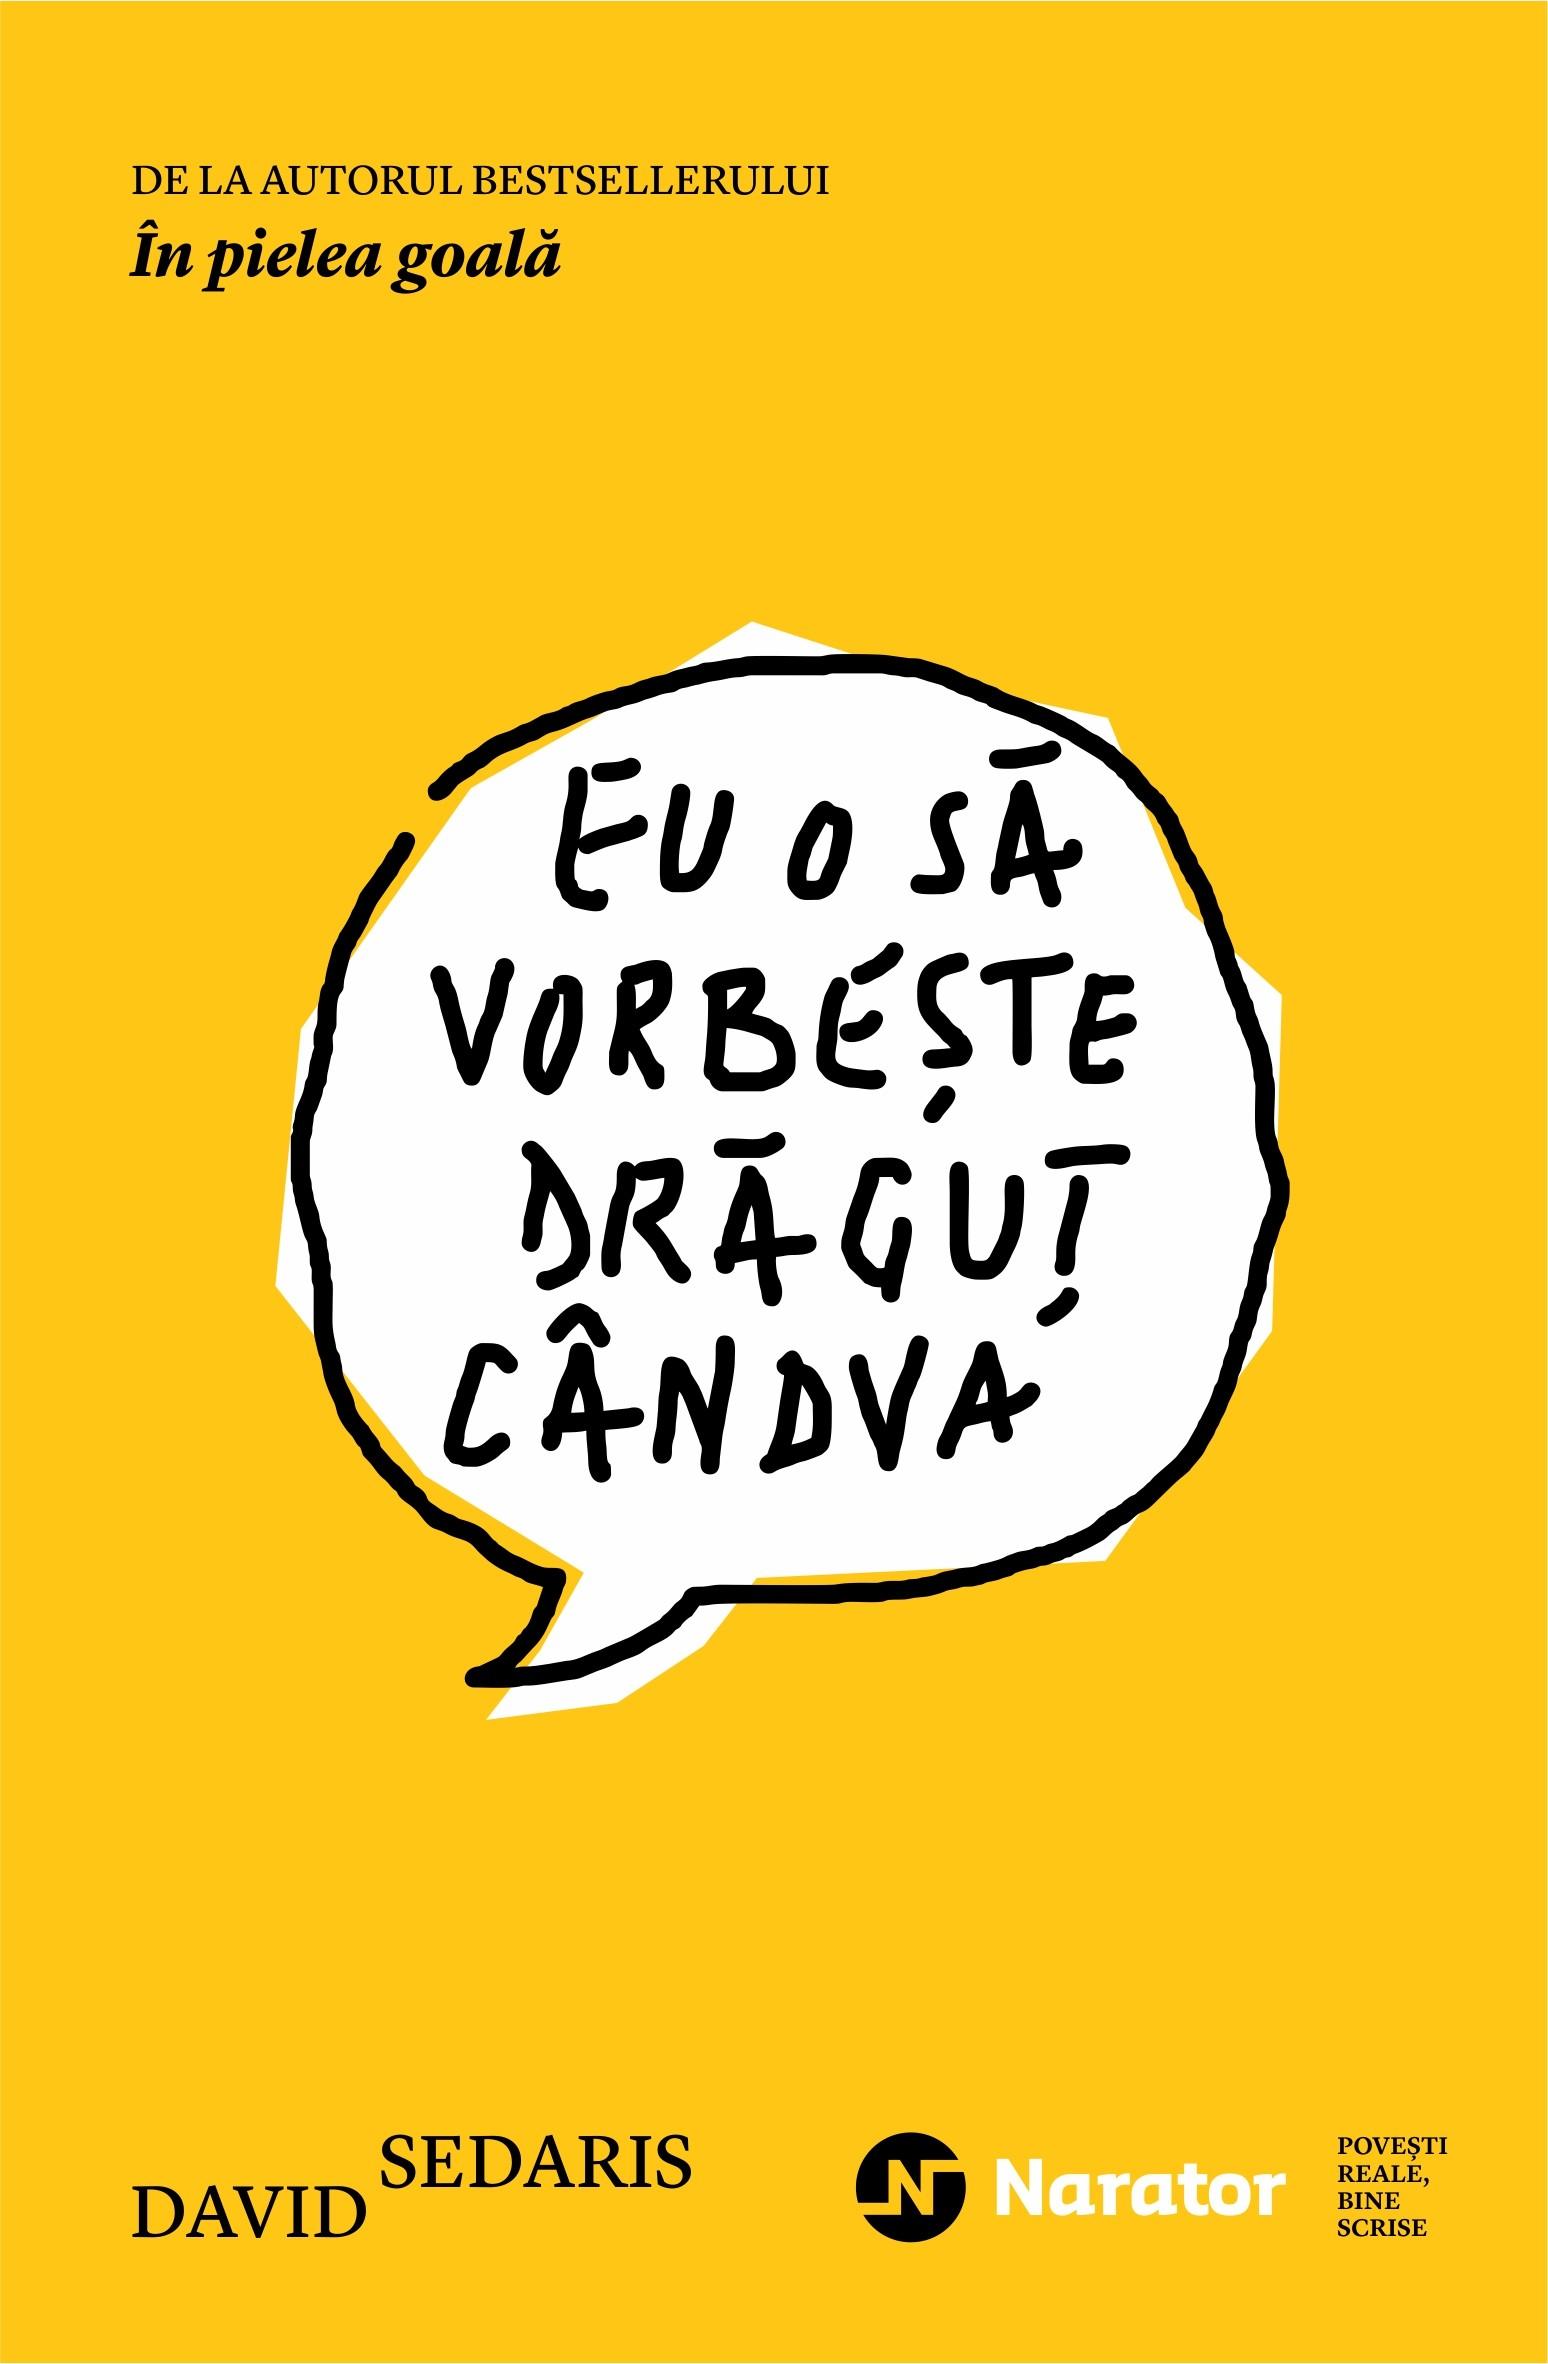 PDF ePUB Eu o sa vorbeste dragut candva de David Sedaris (Download eBook)